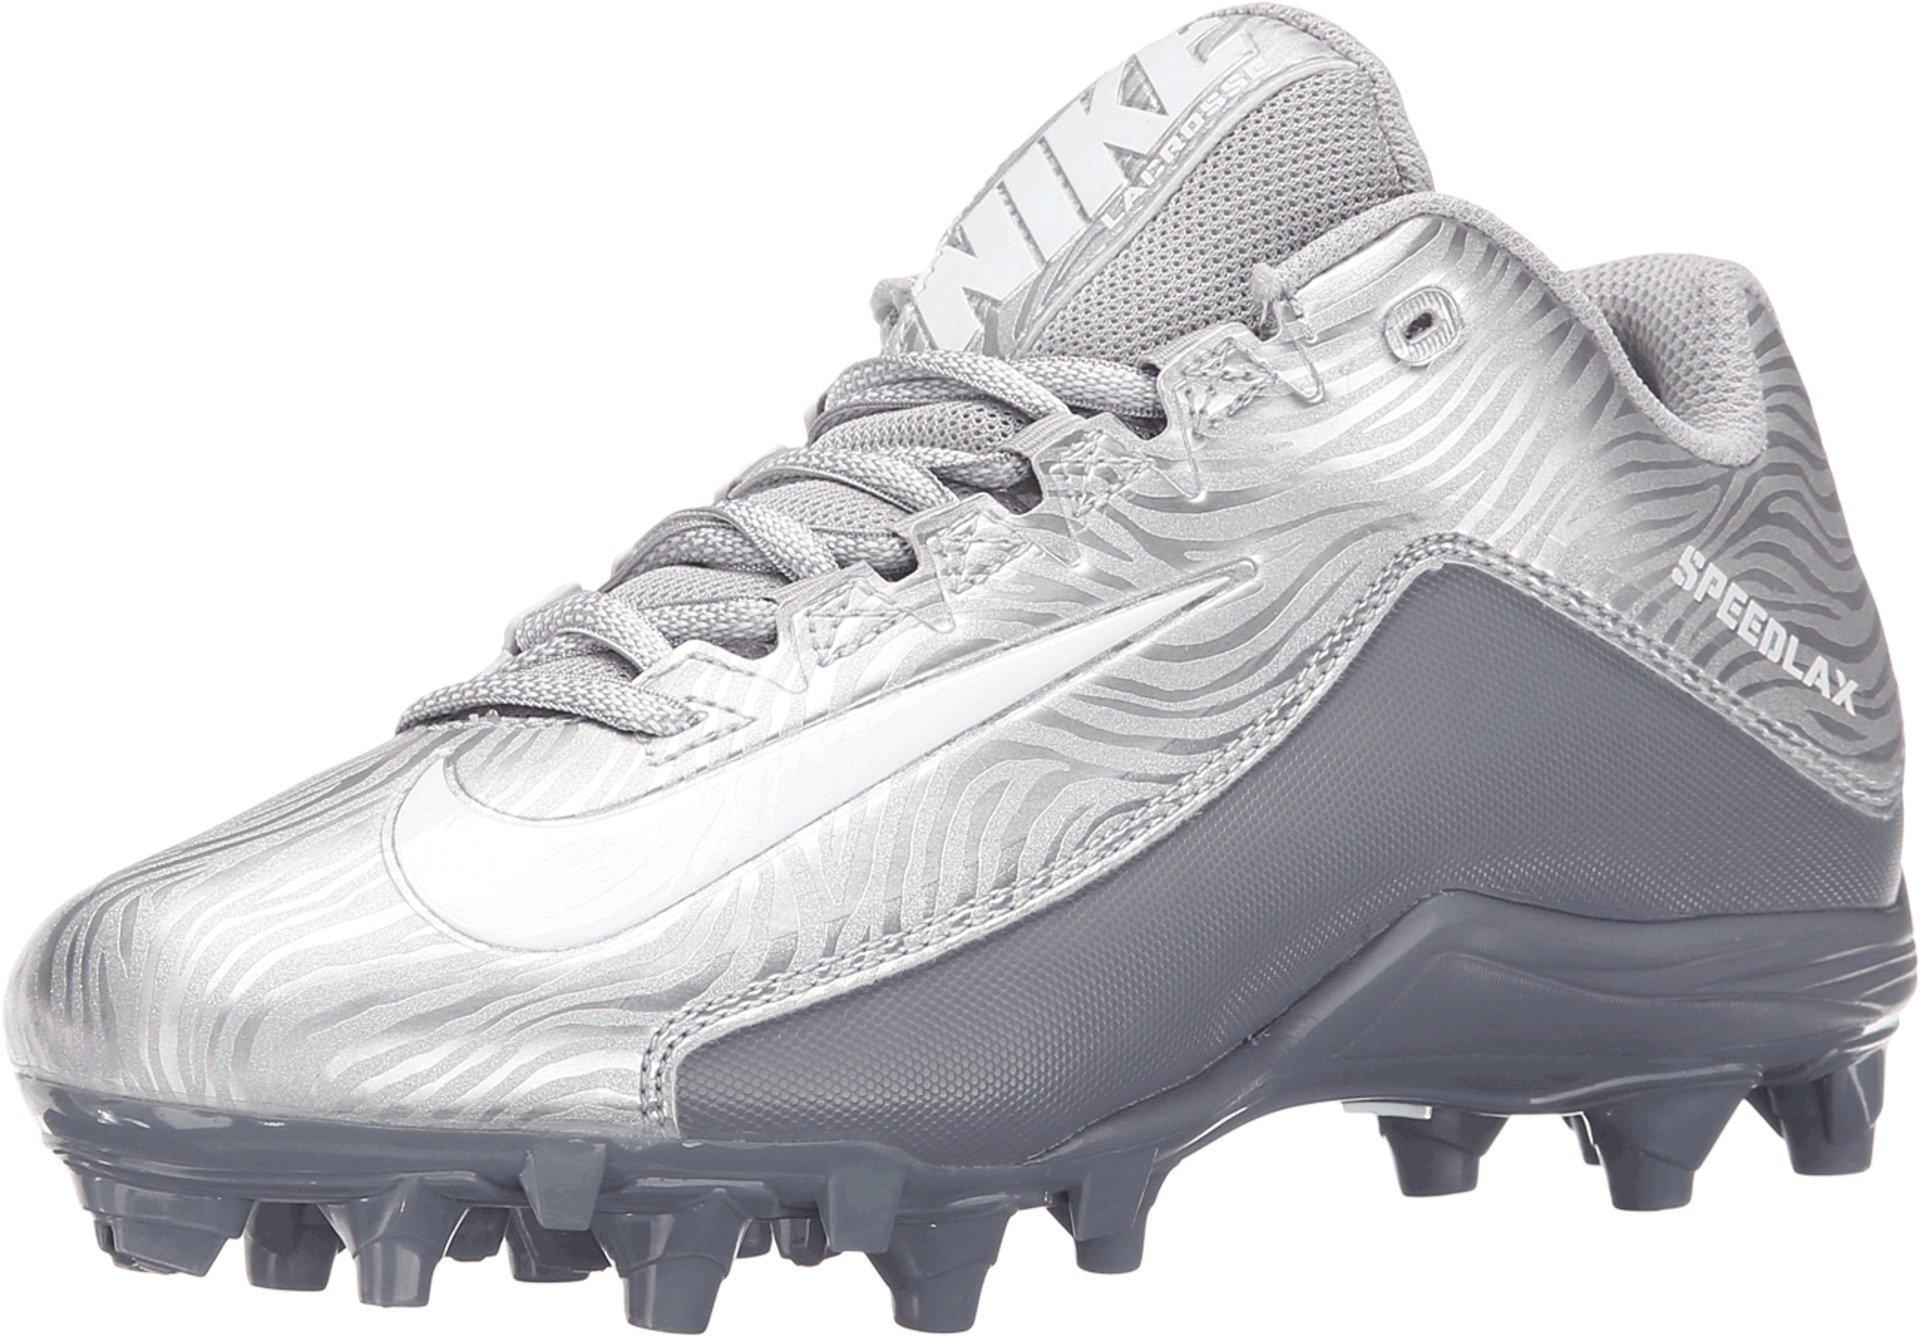 Nike Women's Speedlax 5 Lacrosse Shoe, Silver (6.5) by Nike